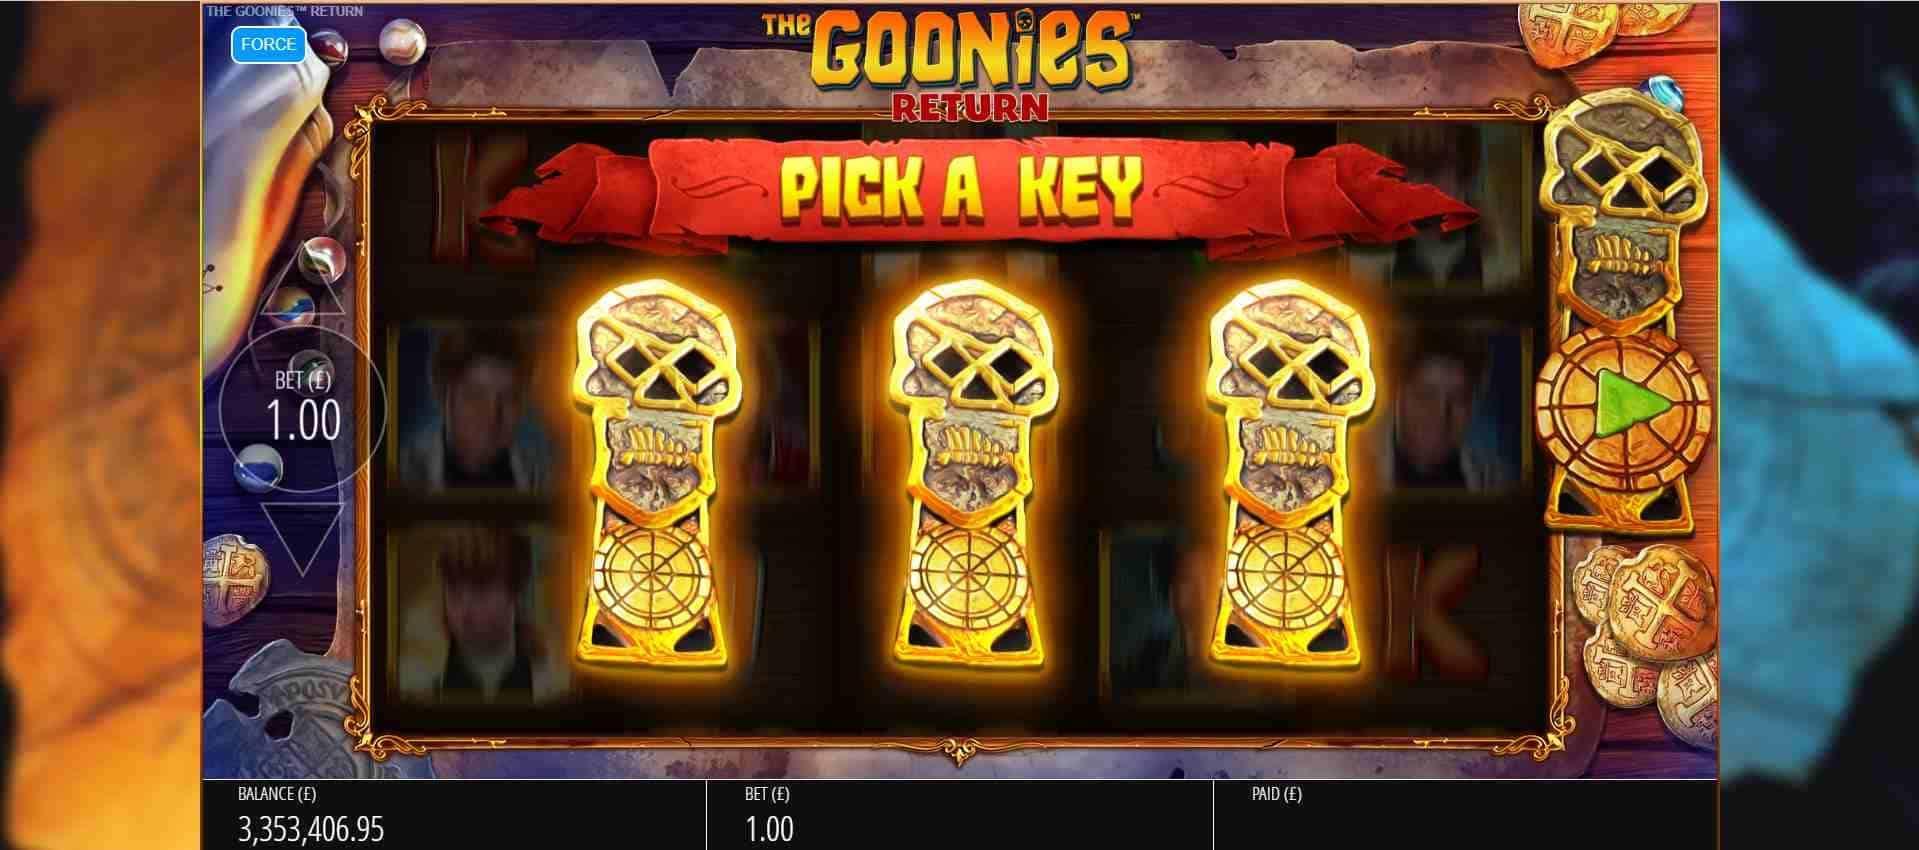 The Goonies Return Key of Plenty